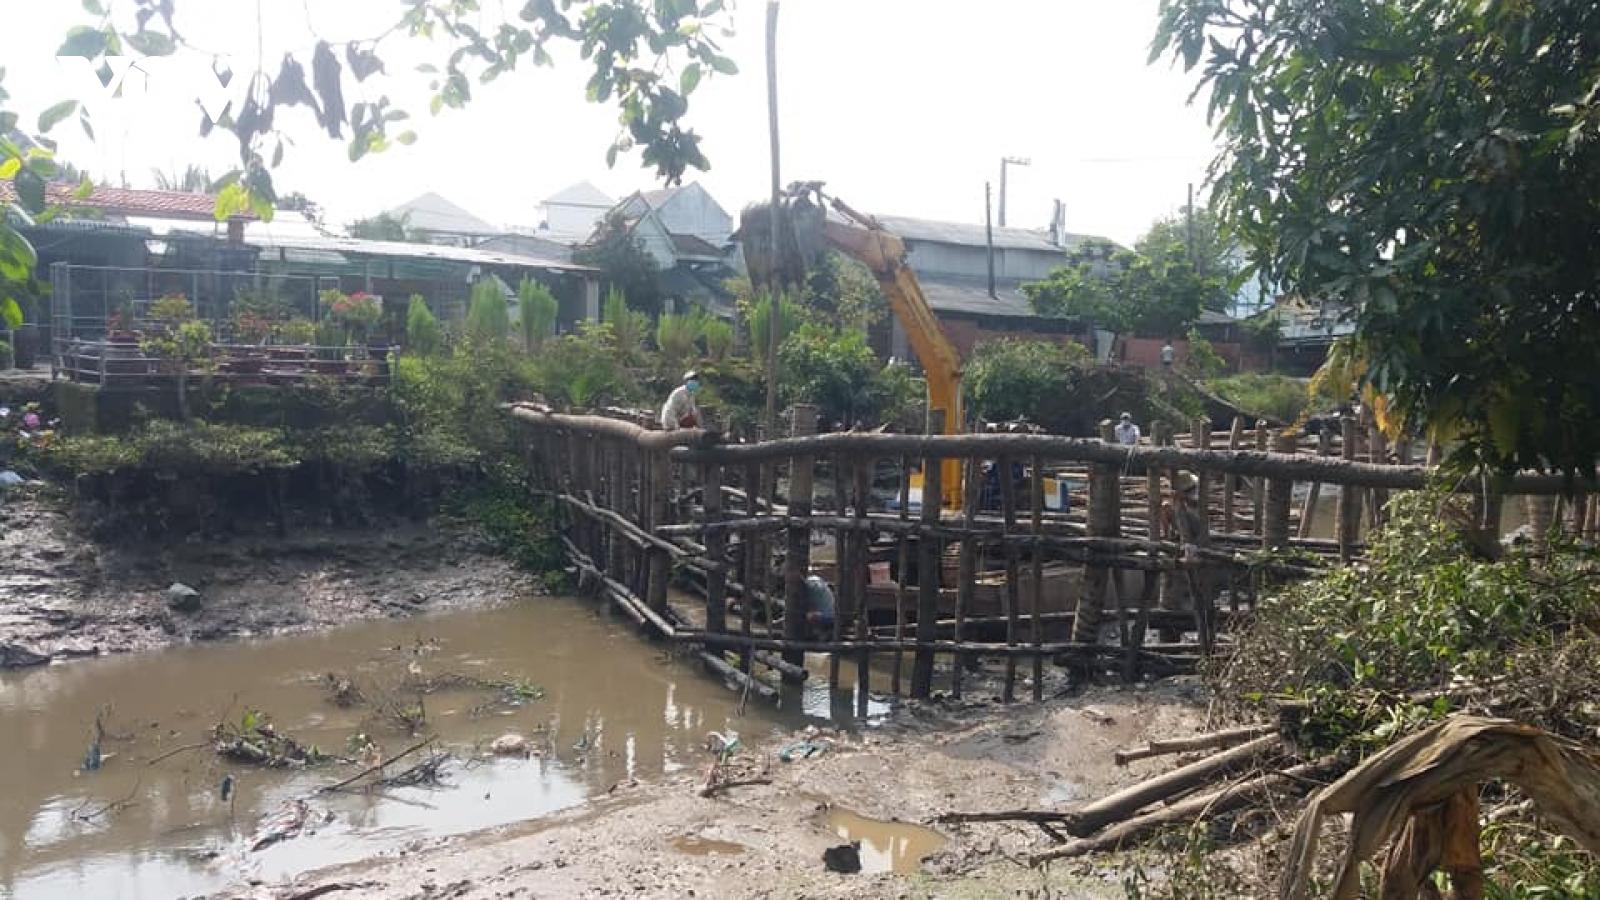 Đầu tư hơn 10 tỷ đồng xây dựng kênh phục vụ 1.000 ha vườn cây ăn quả